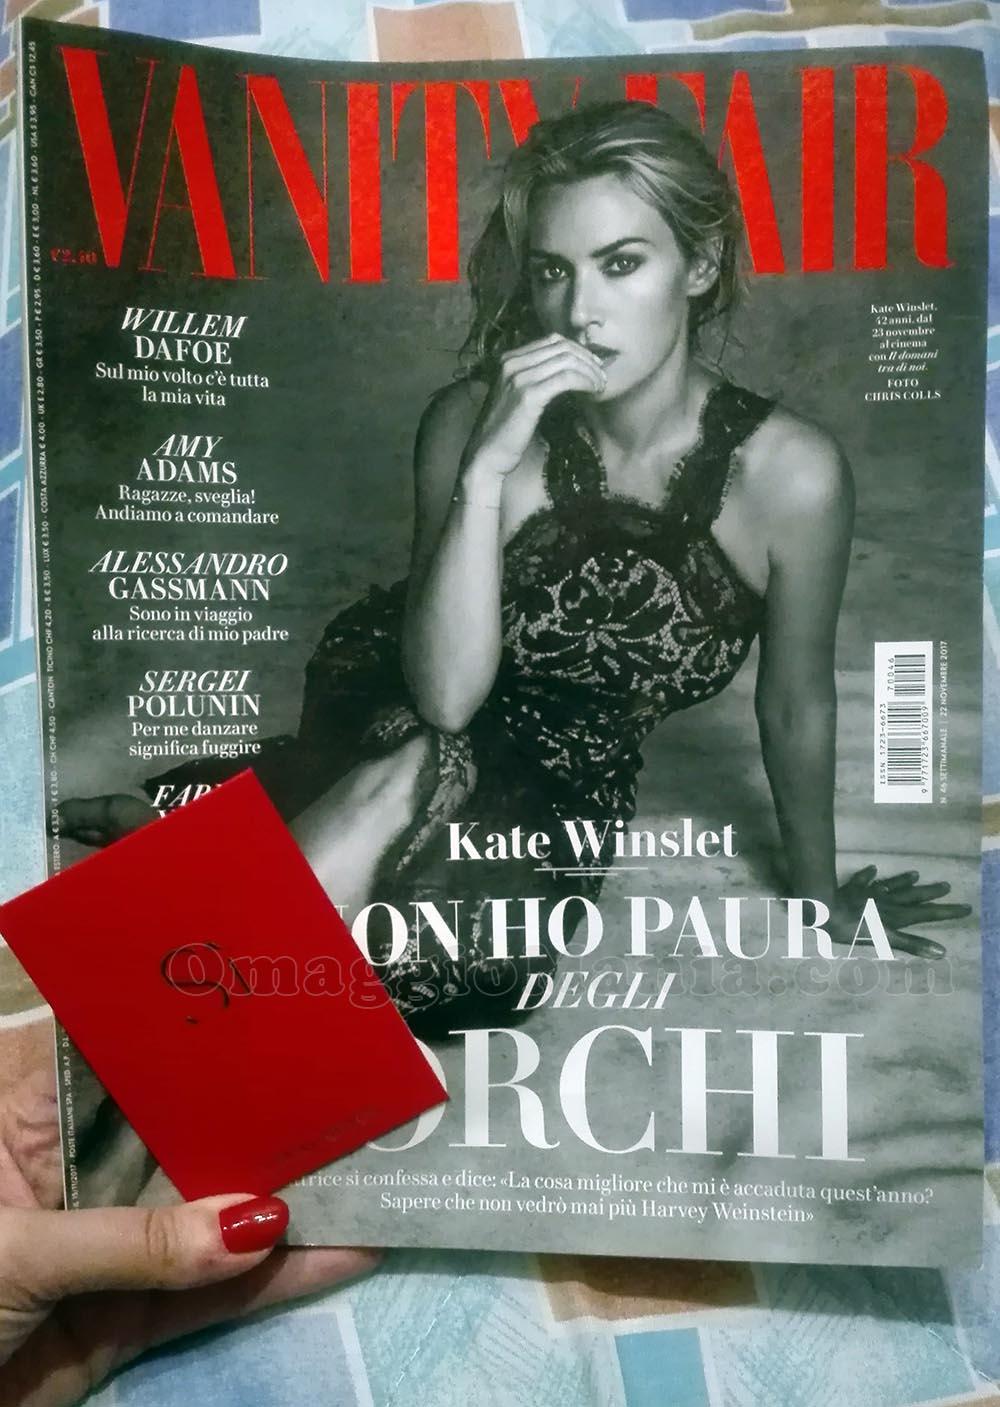 Vanity Fair 46 di Antonella